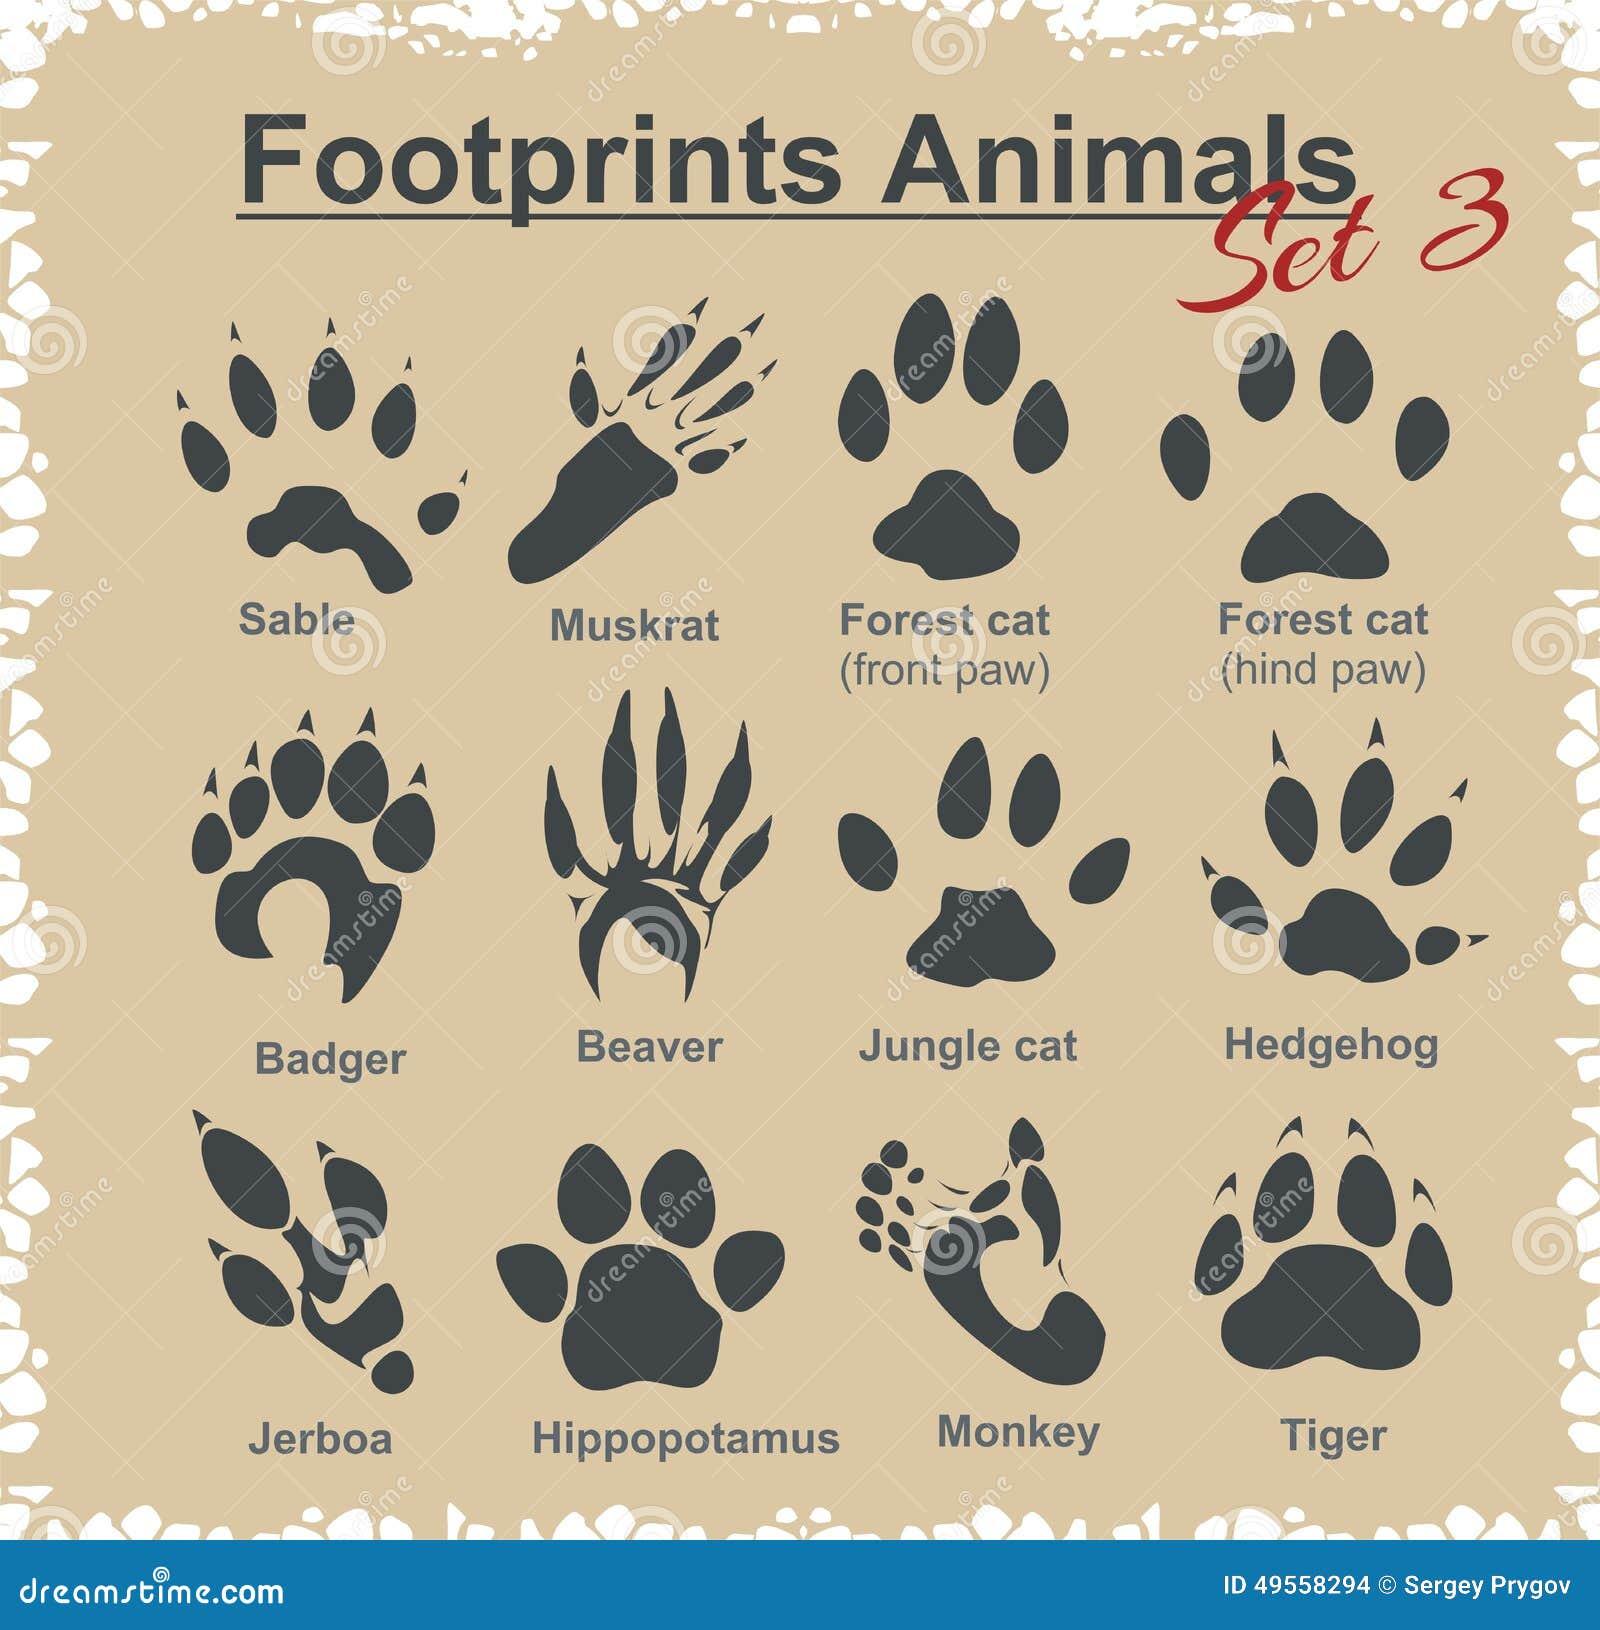 插画 包括有 通配, 陆运, 名字, 狩猎, 符号, 老虎, 研究, 图标图片